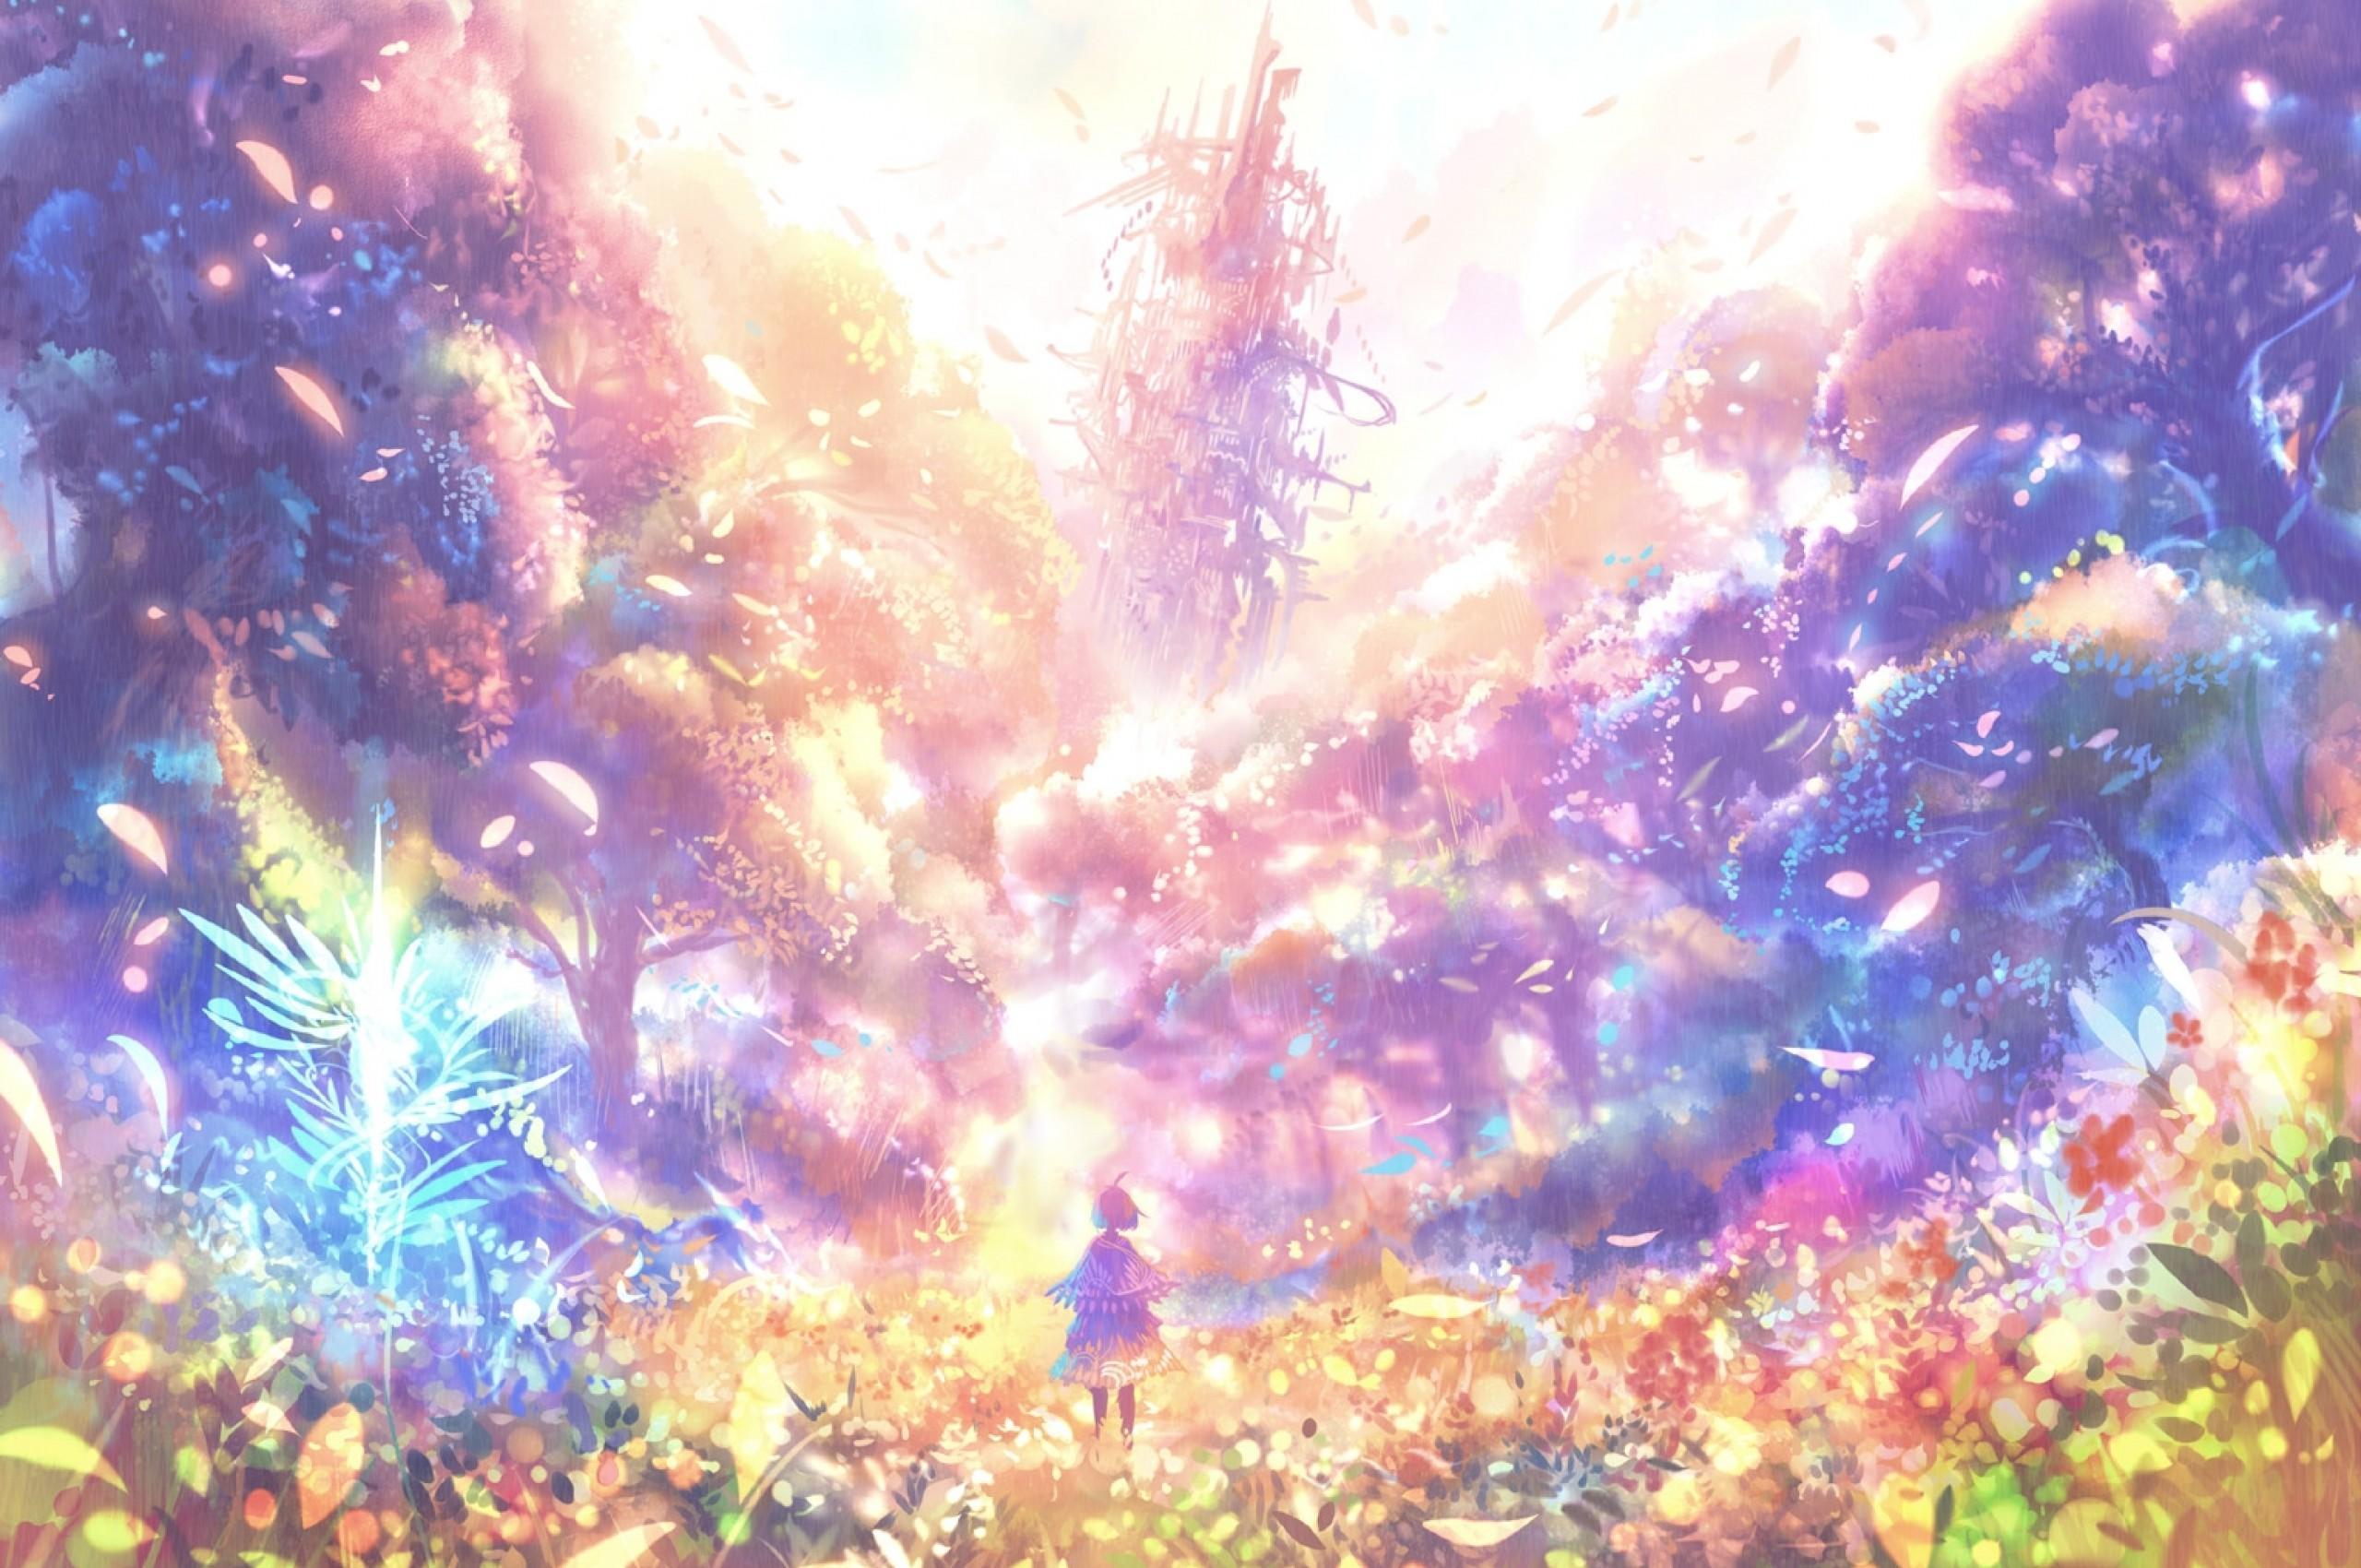 Google Chromebook Wallpaper Garden Wallpaper Anime 488466